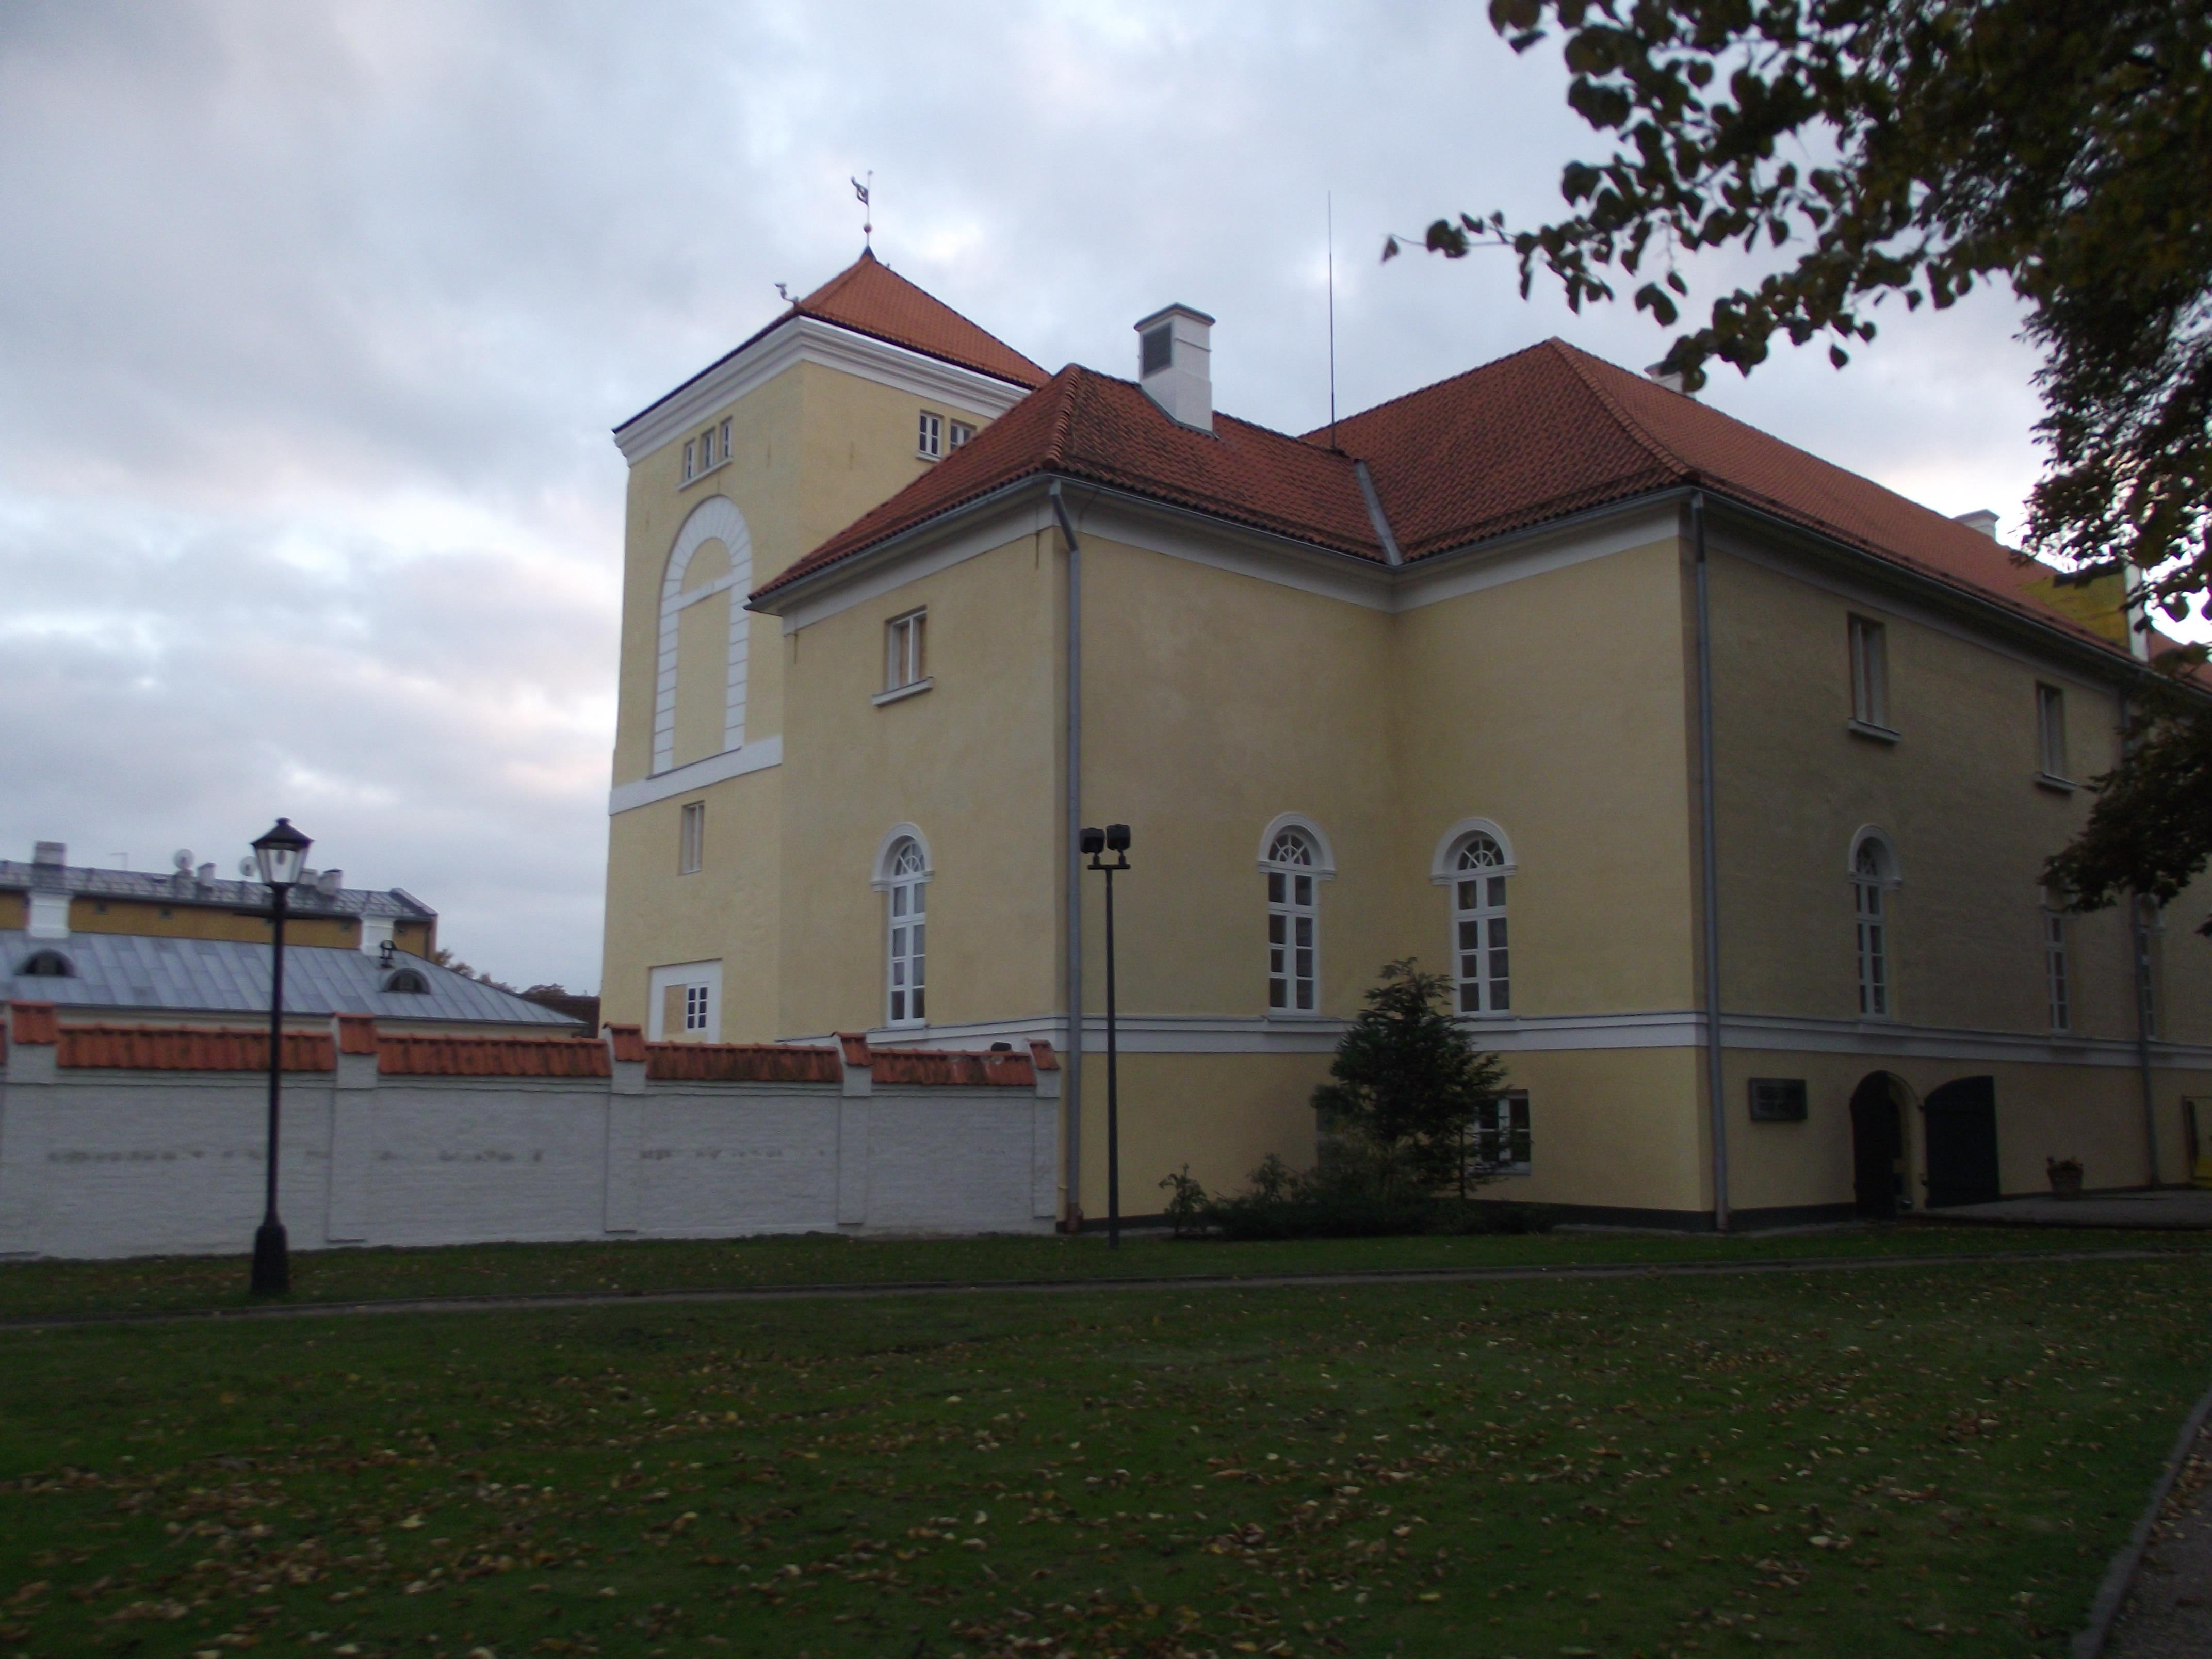 Ventspils Castle, Architecture, Beautiful, Building, Castle, HQ Photo